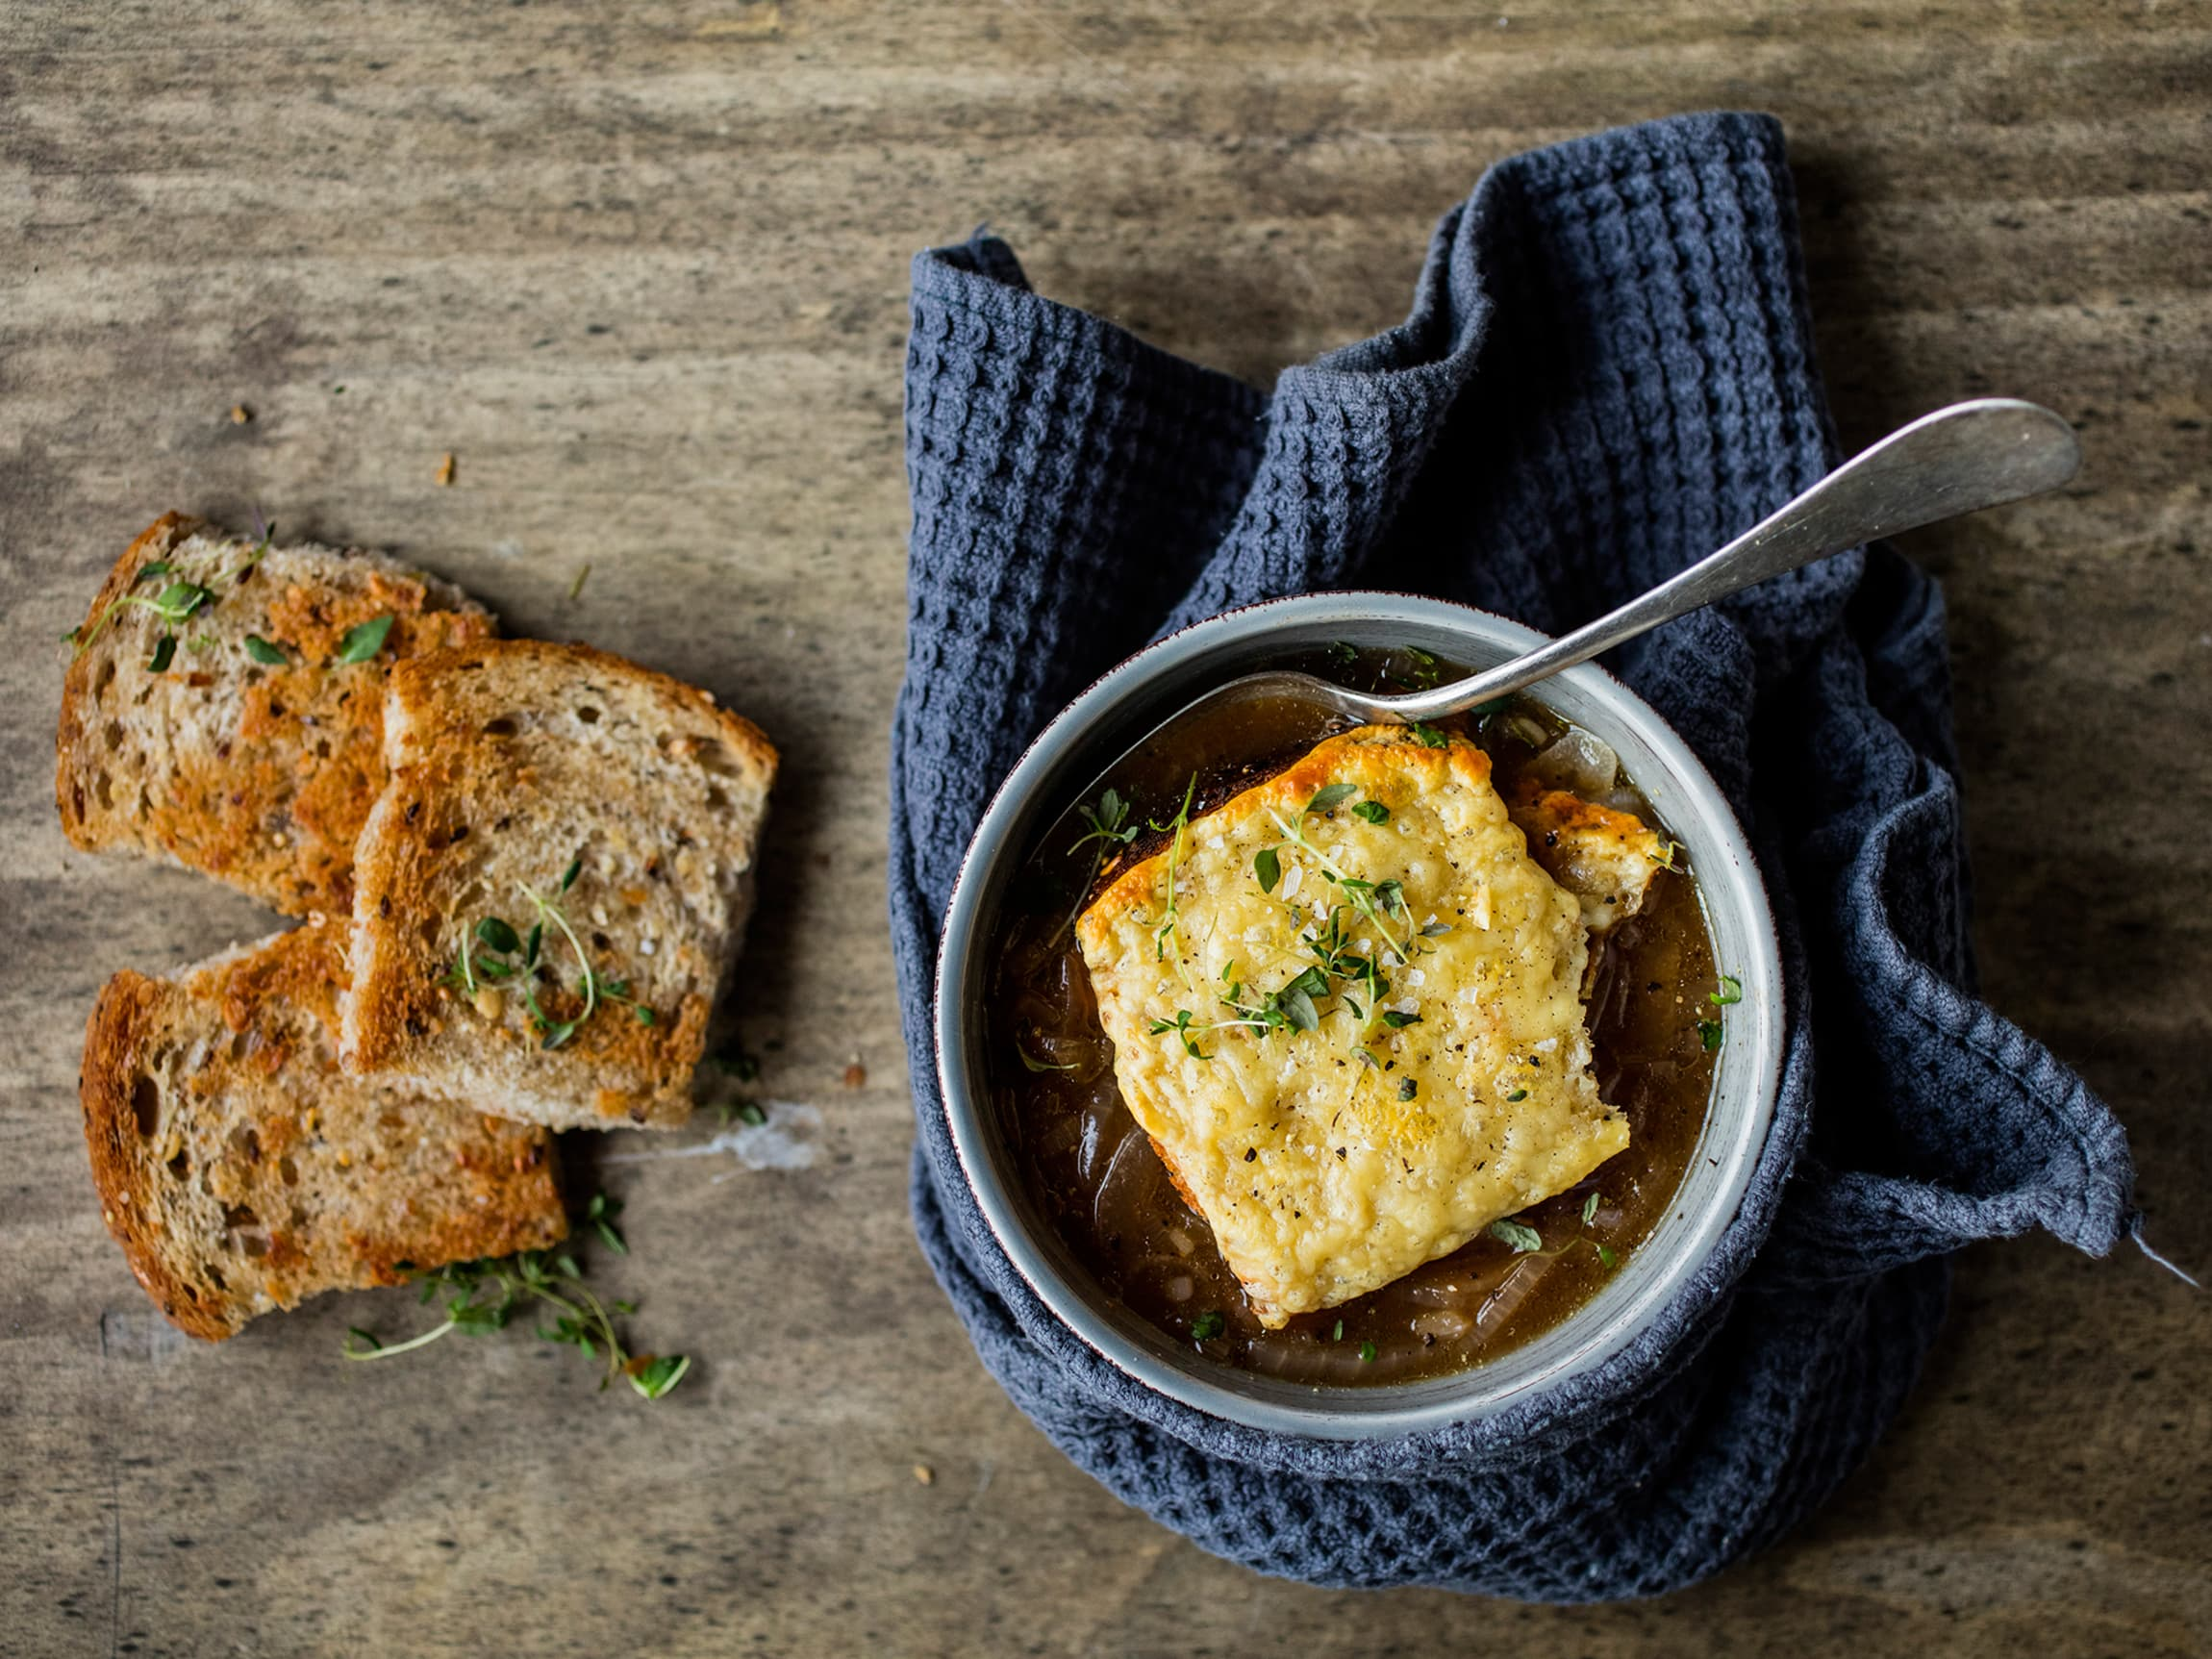 Løksuppe er klassisk, servert i bolle med gratinert brød og ost, god på smak.